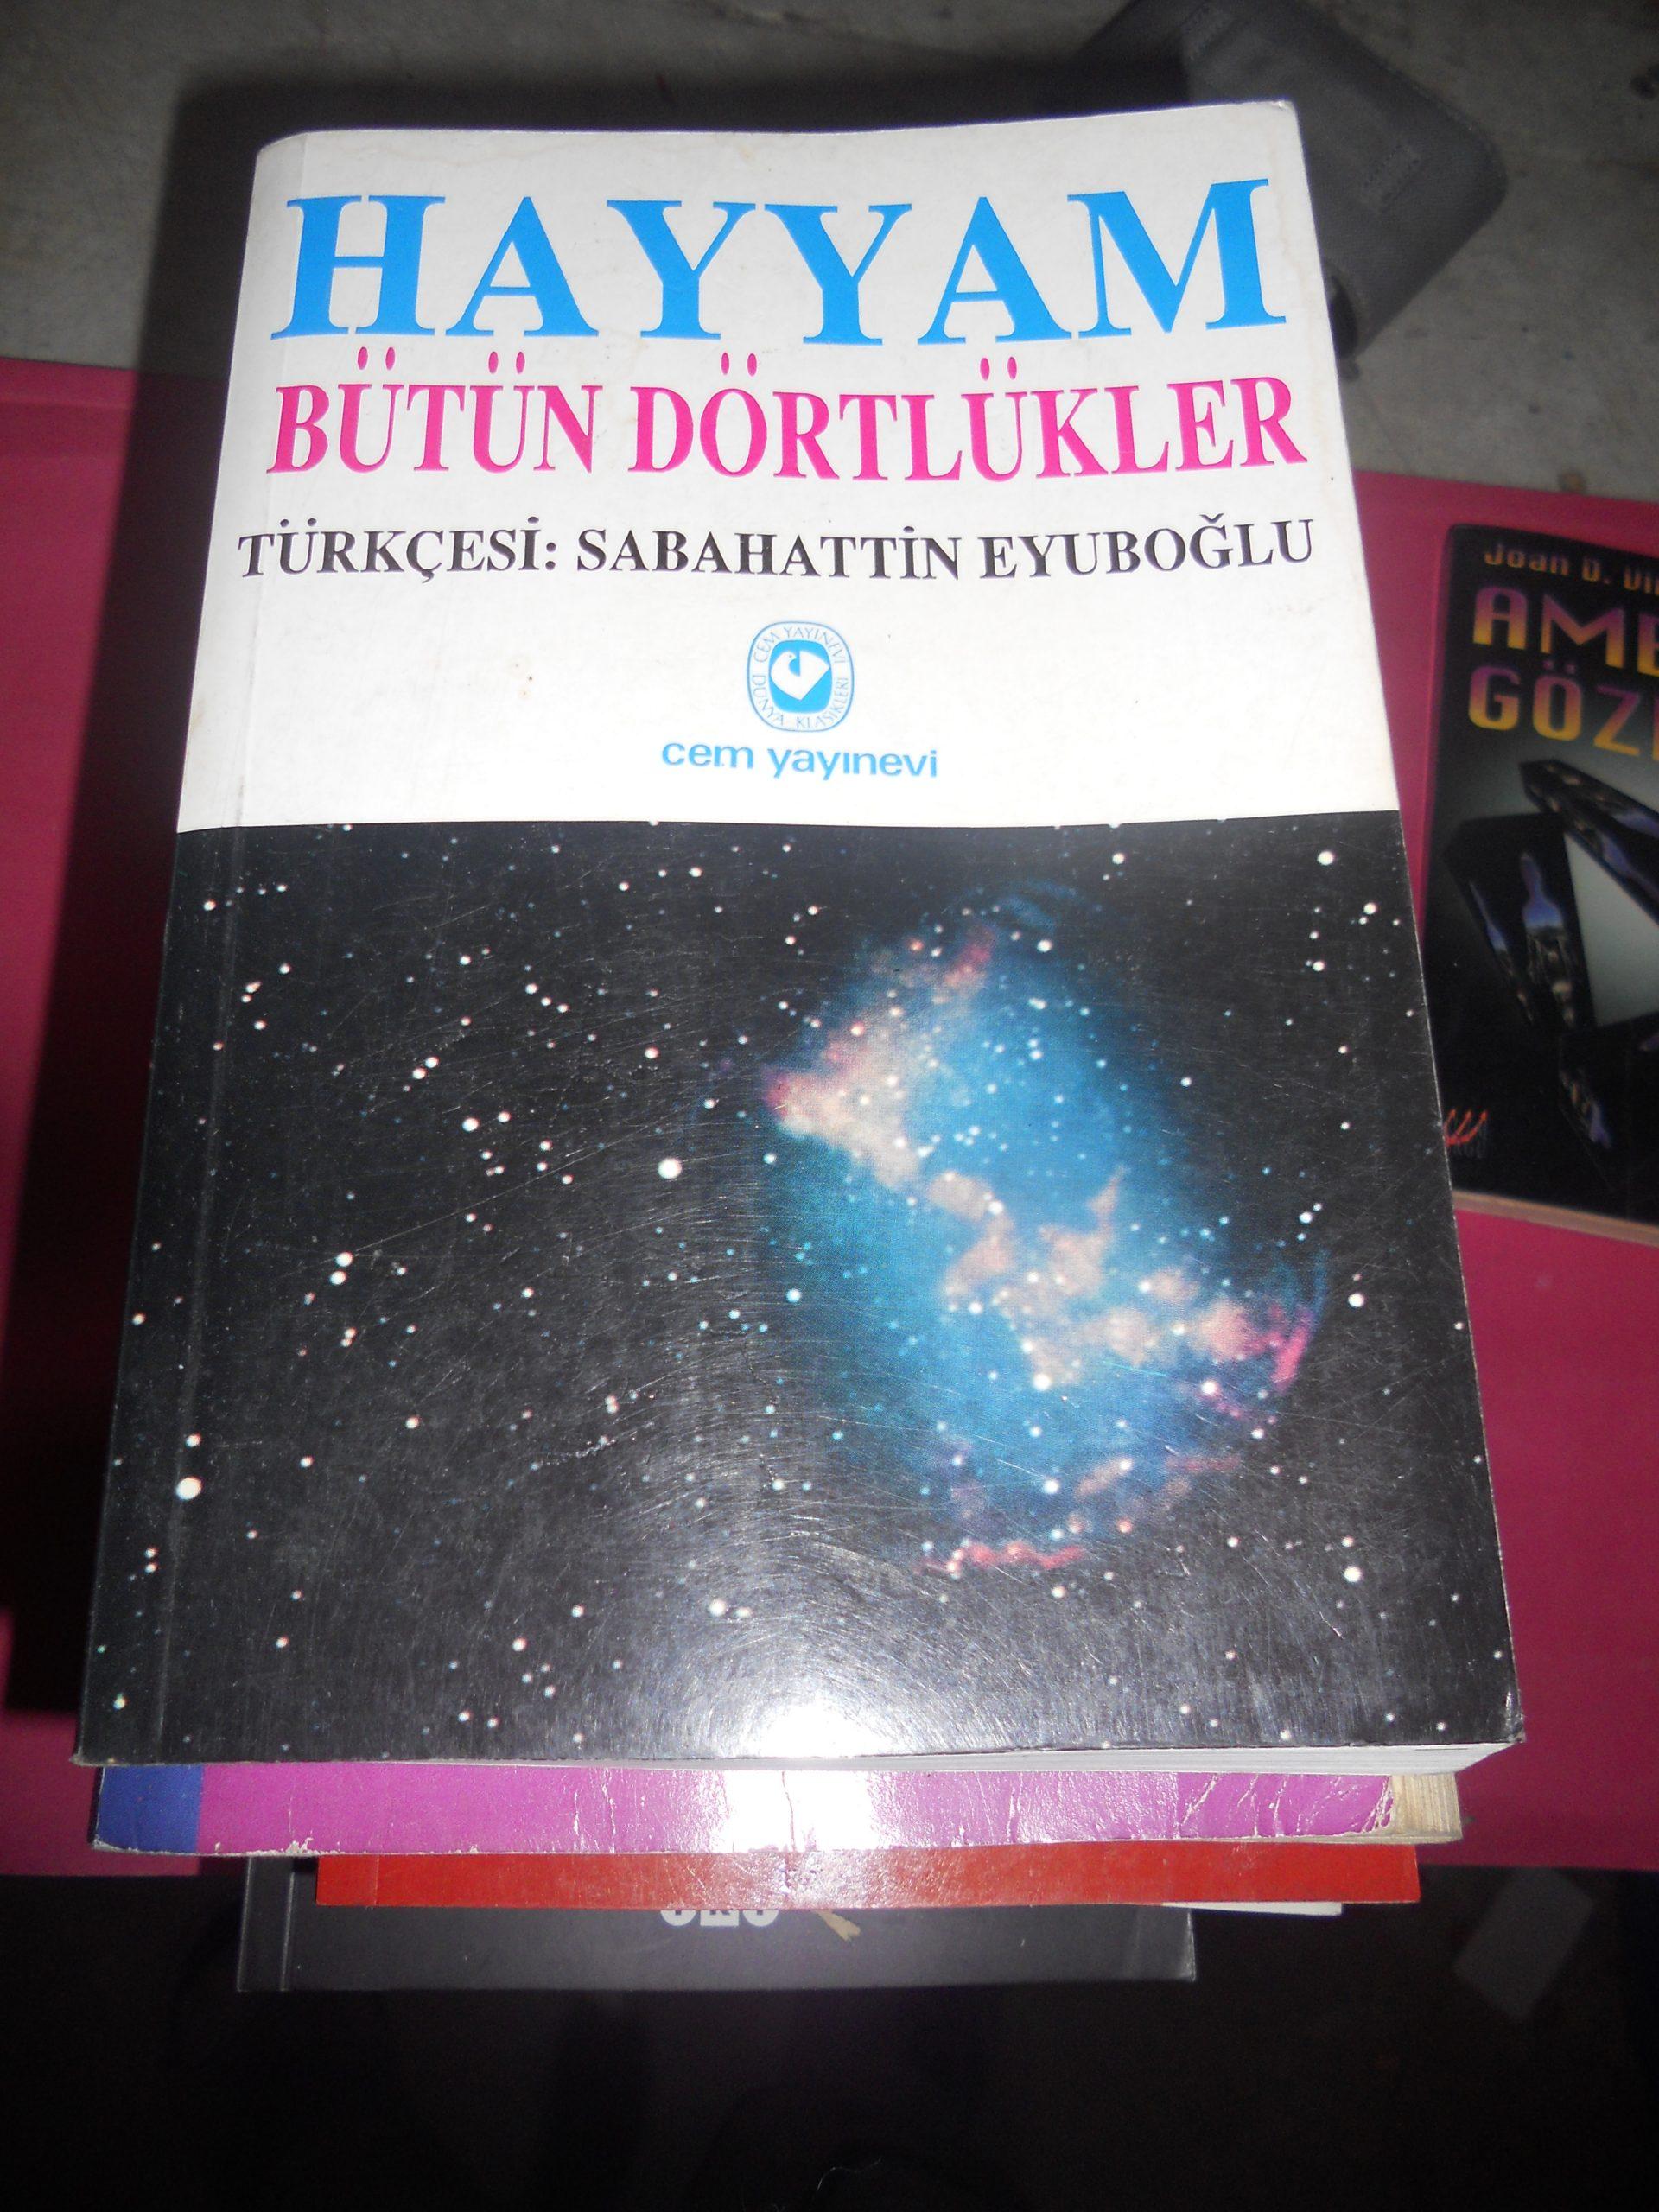 HAYYAM BÜTÜN DÖRTLÜKLER/ÇEV.S.EYUBOĞLU/15 TL